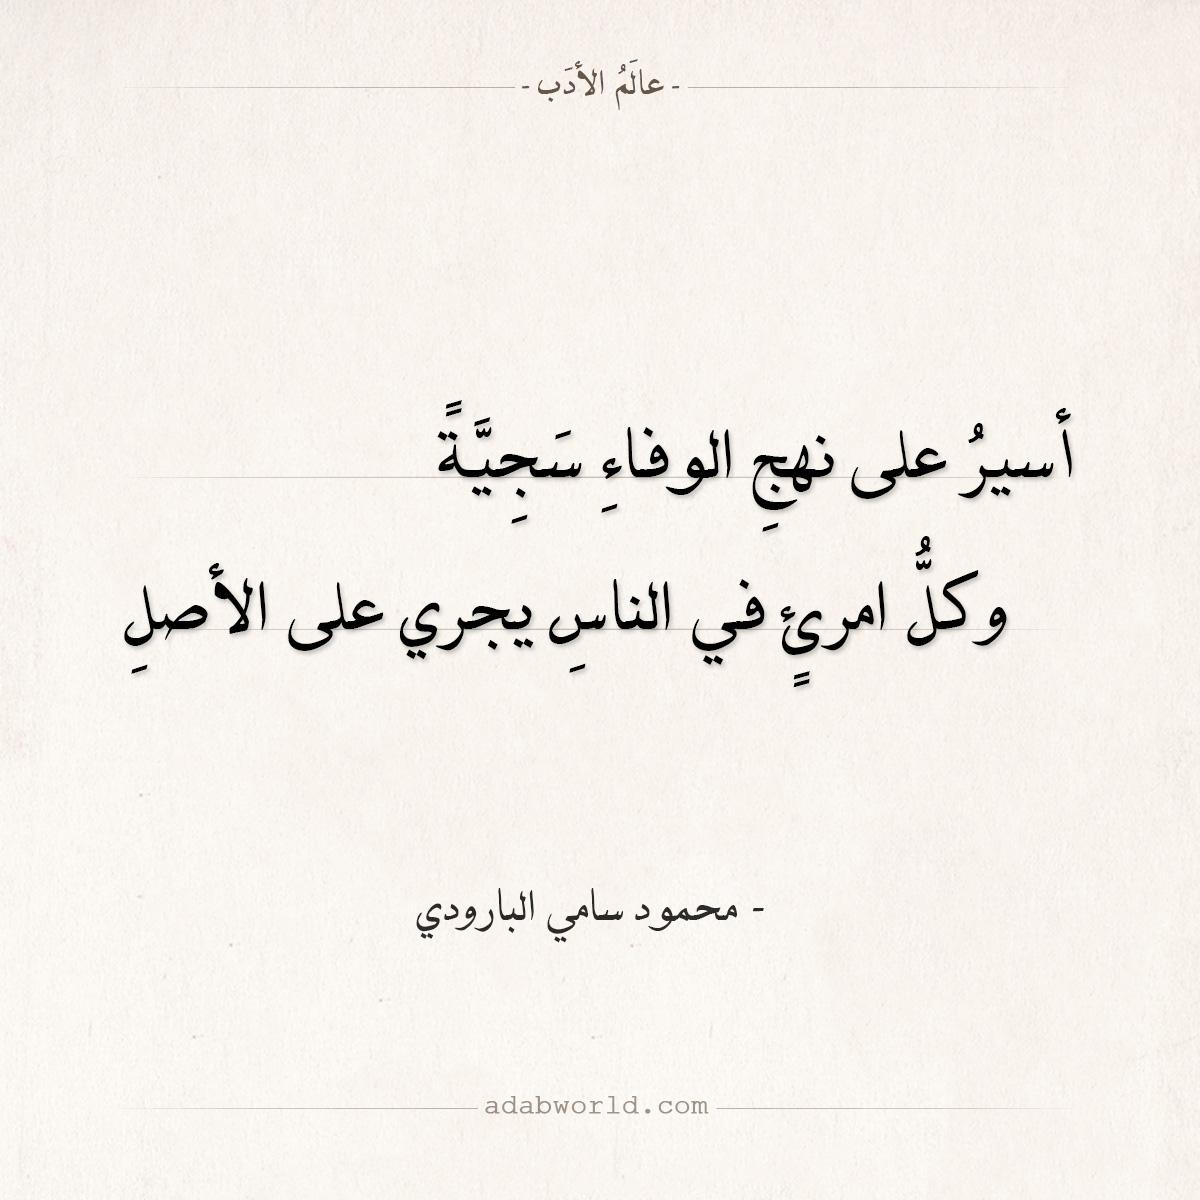 شعر محمود سامي البارودي - أسير على نهج الوفاء سجية